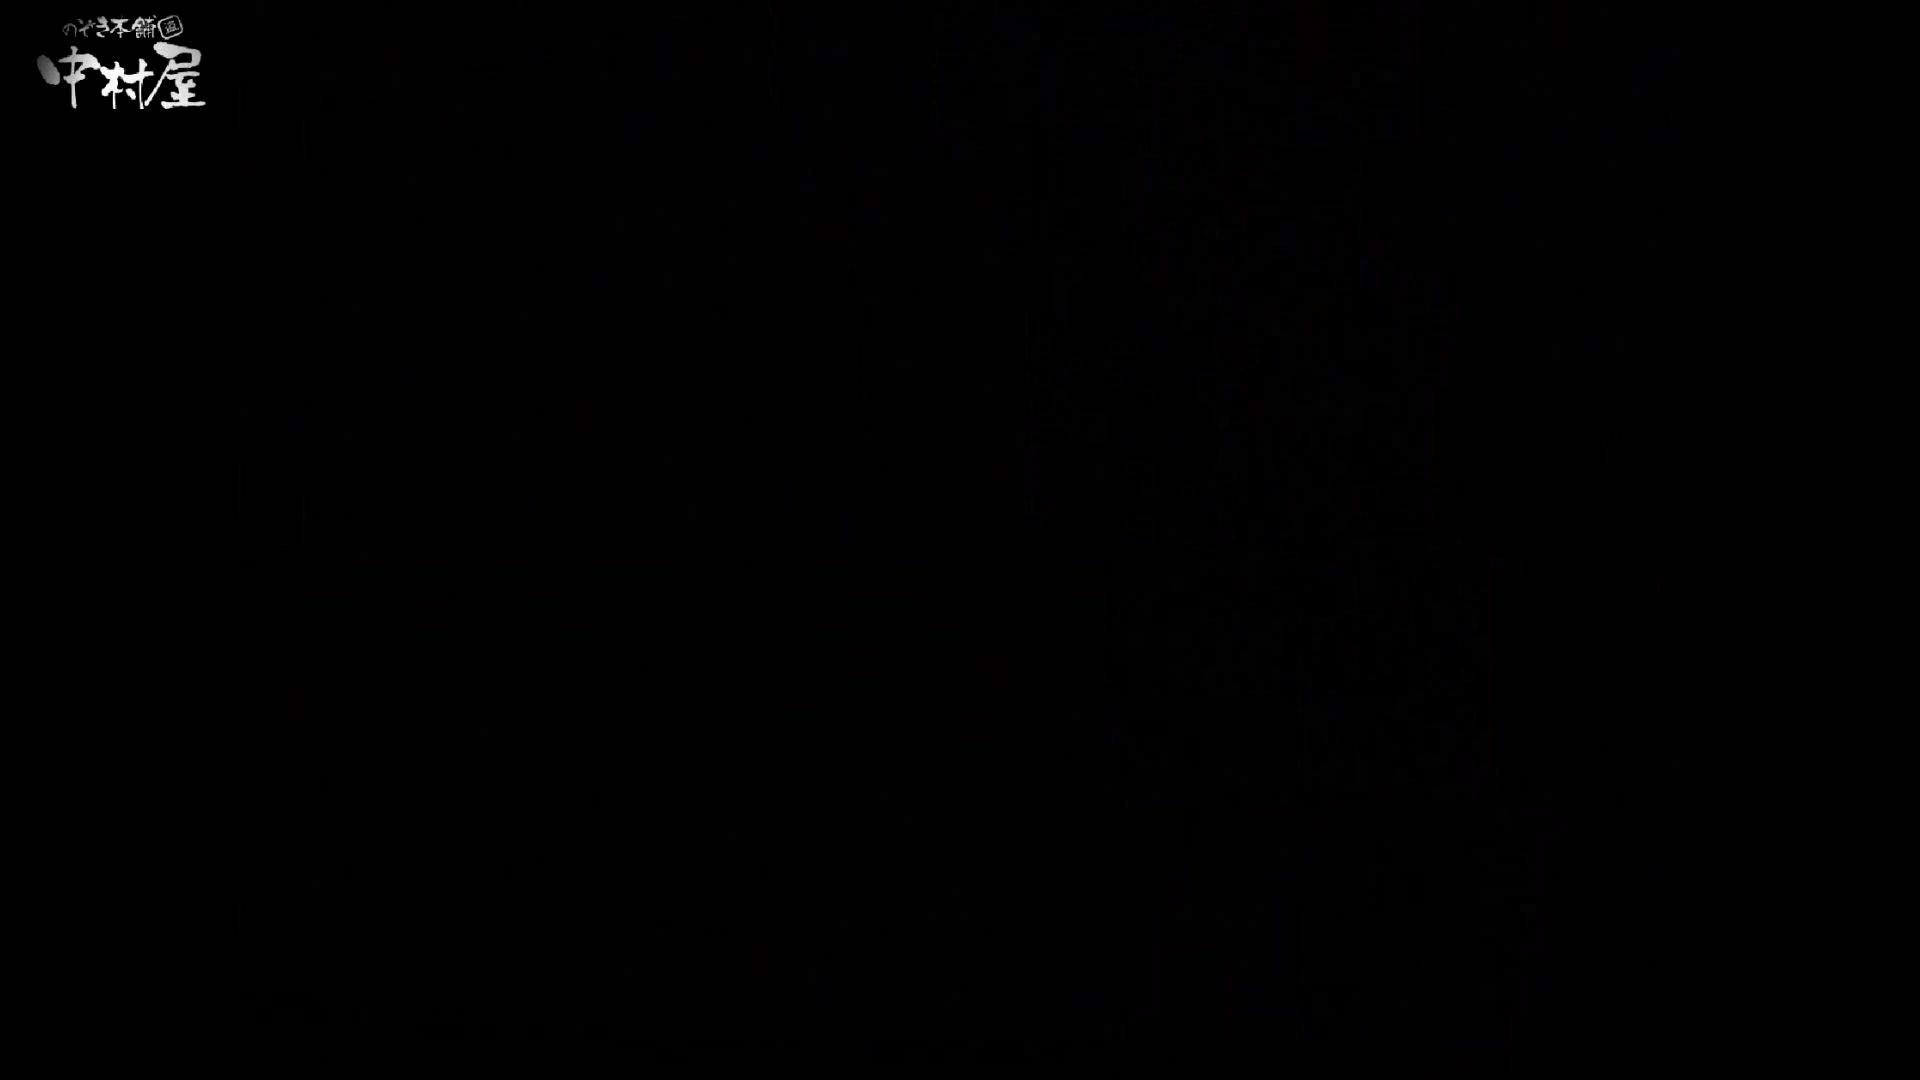 民家風呂専門盗撮師の超危険映像 vol.016 美女まとめ 性交動画流出 88PIX 53